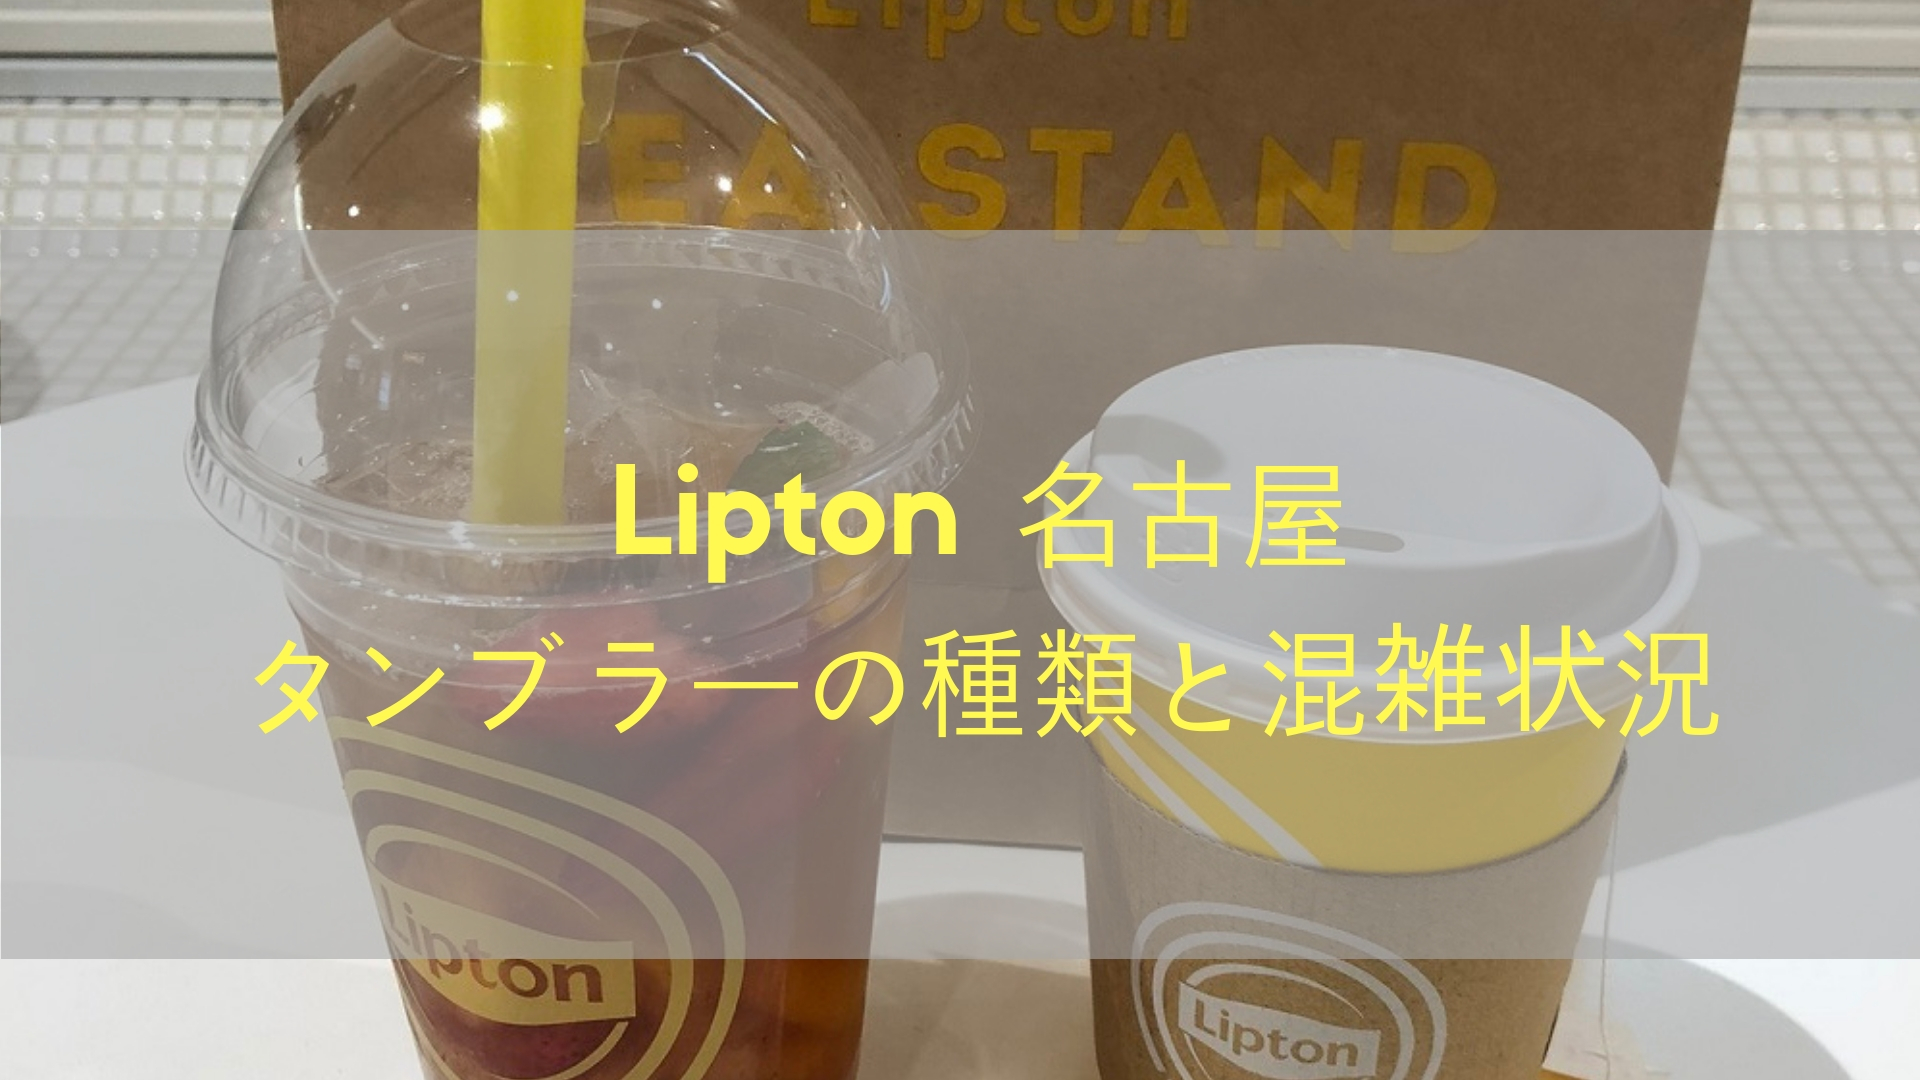 リプトン名古屋ラシック店タンブラーの種類とお得情報!待ち時間や混雑状況は?